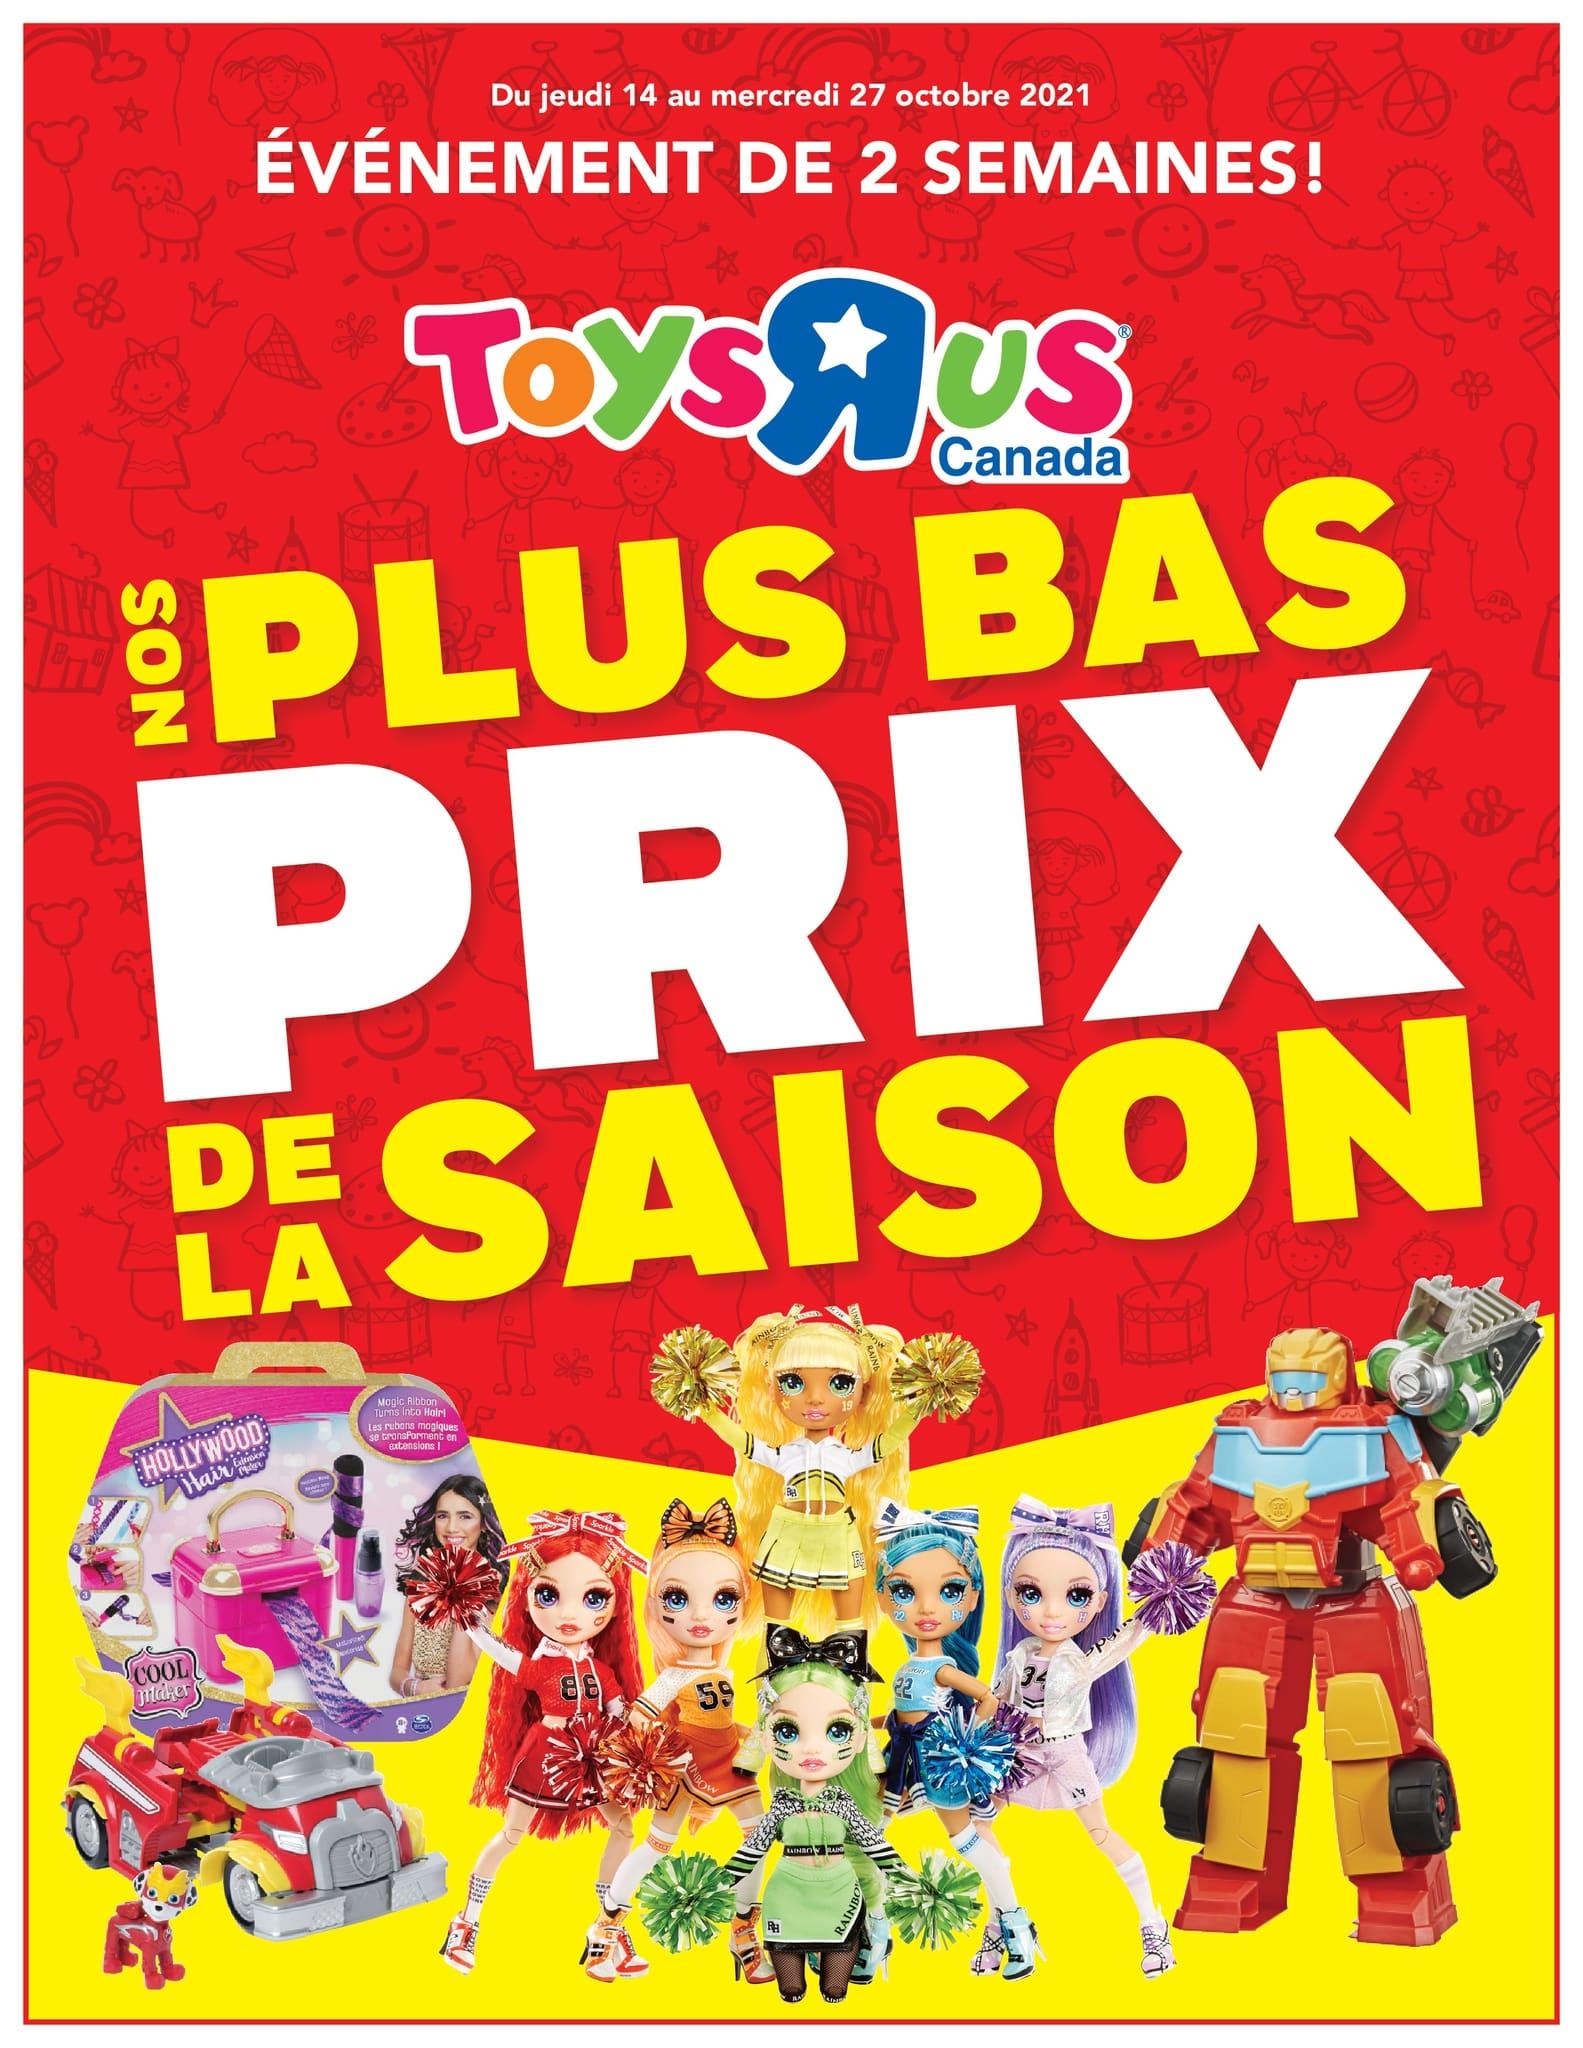 Circulaire Toys 'R' us du 14 au 27 octobre 2021 - Page 1